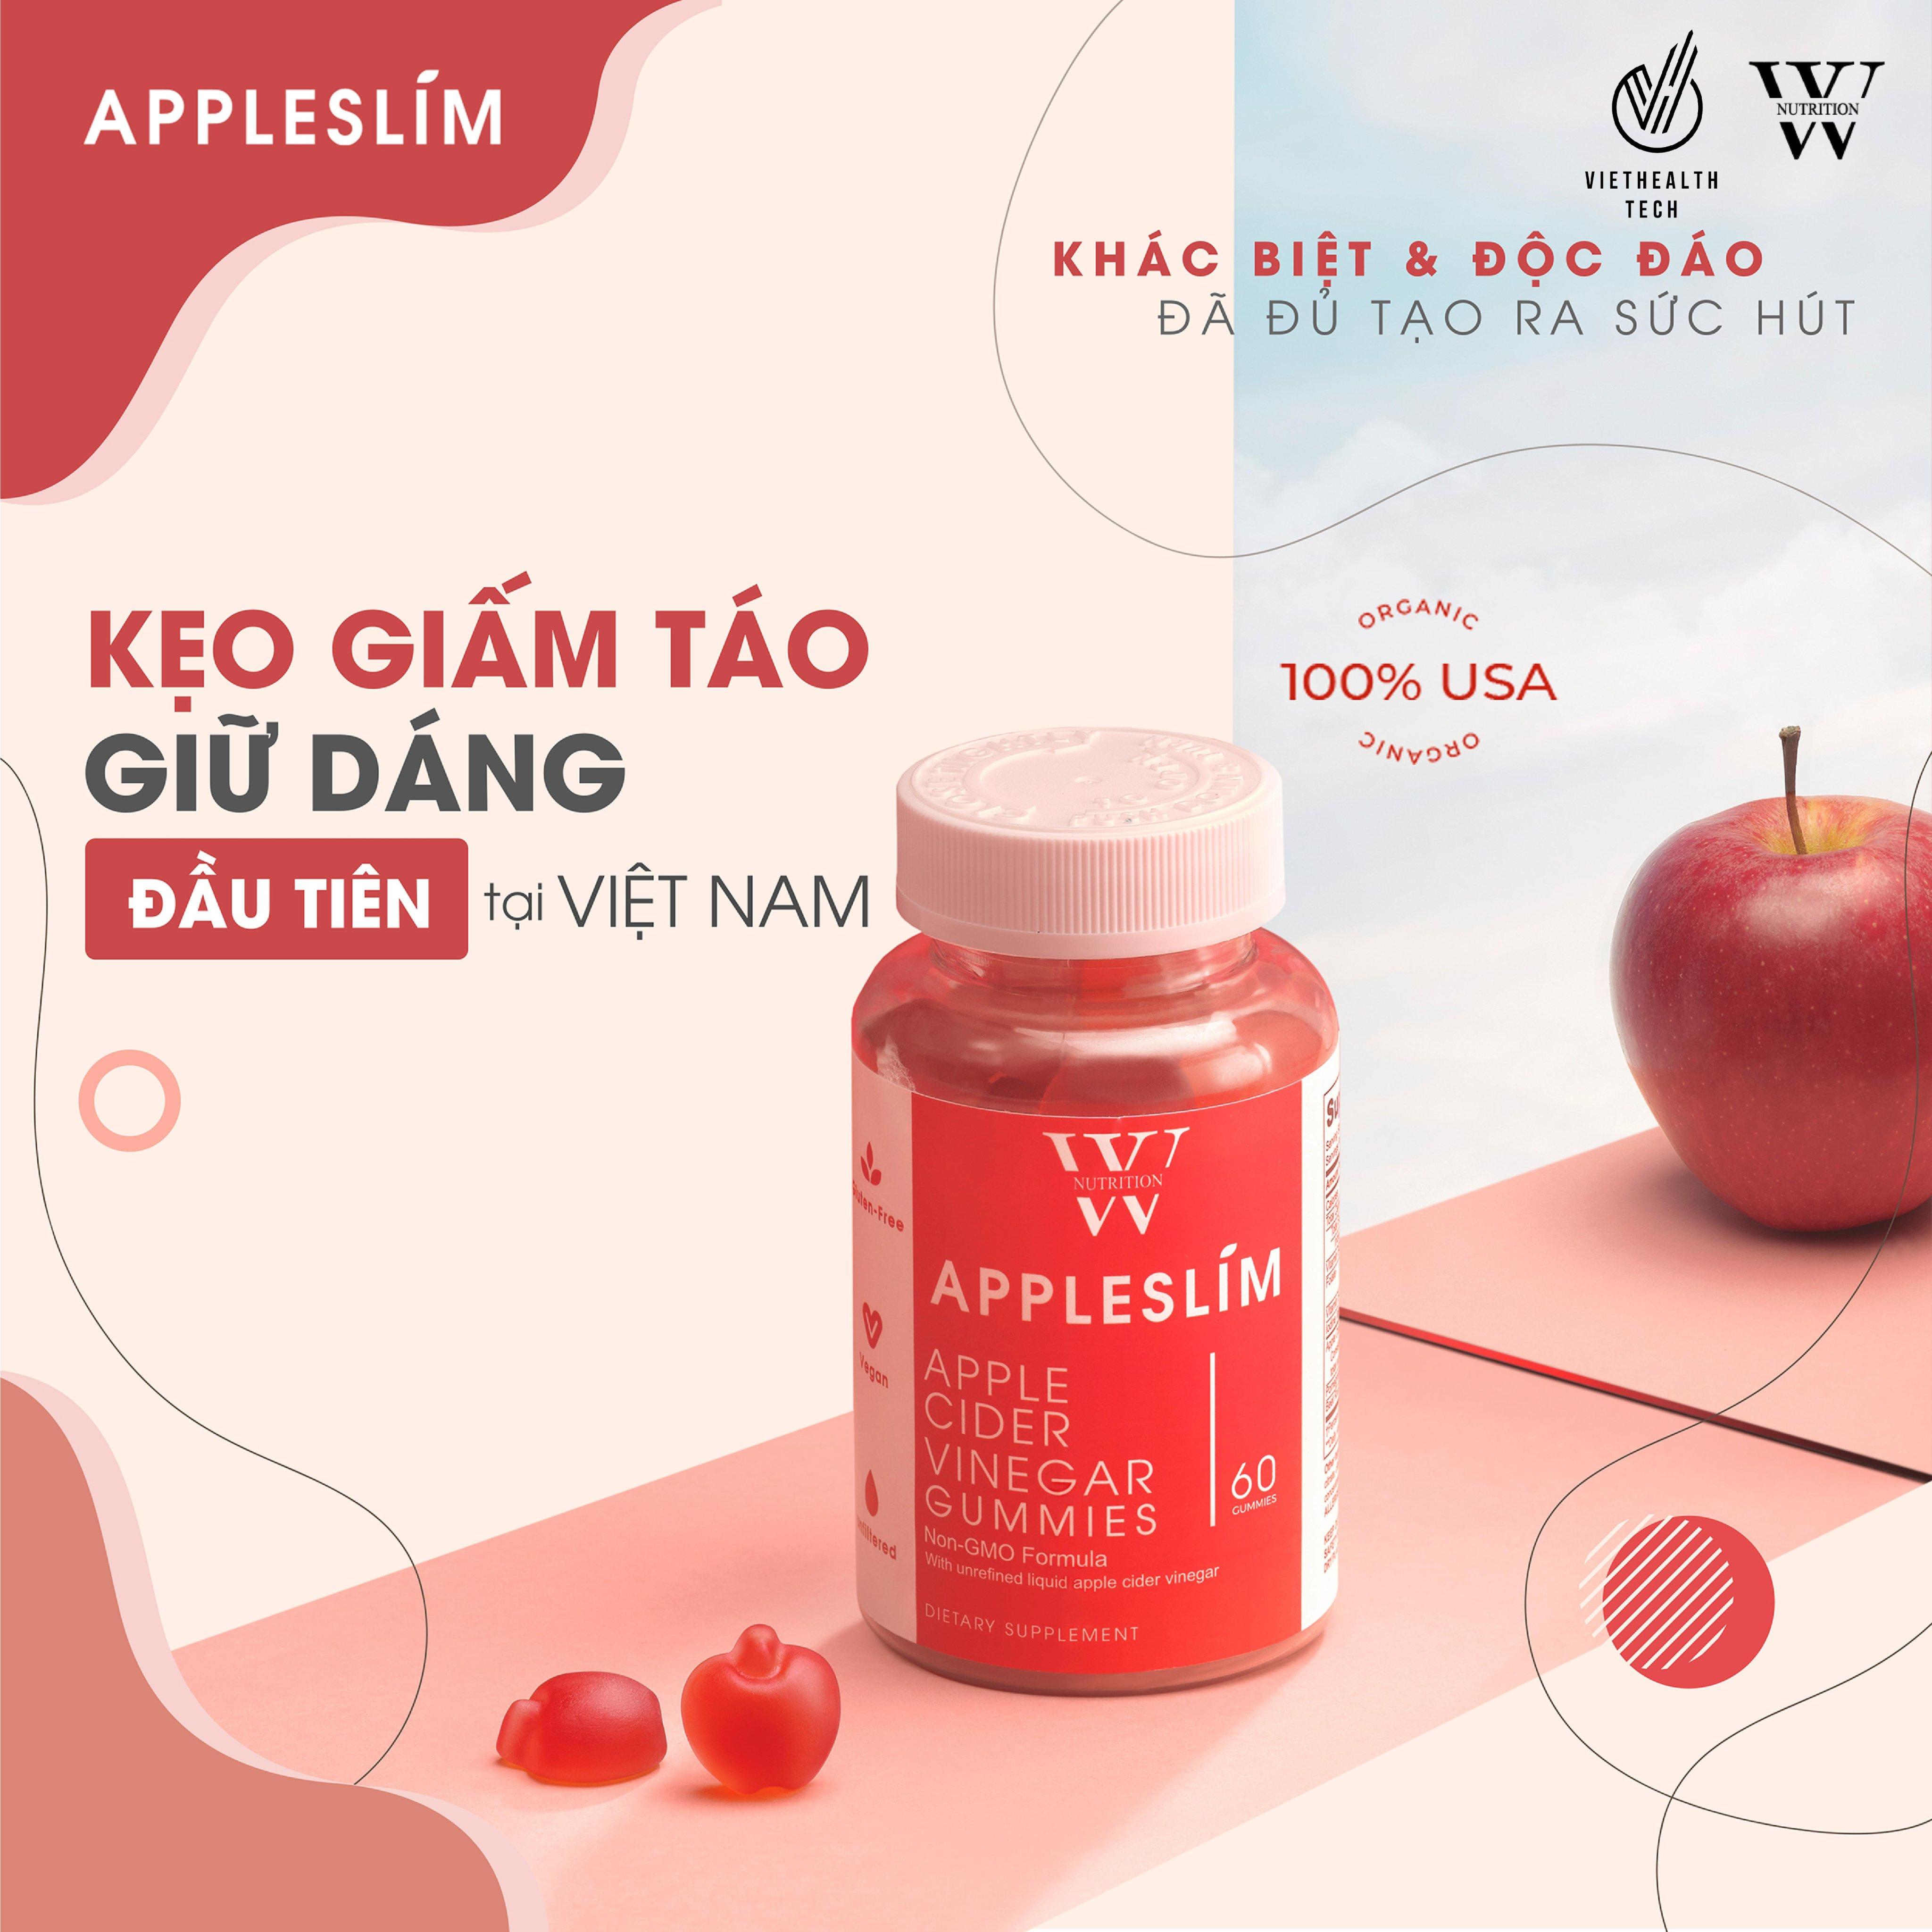 Kẹo Giảm Cân Giấm Táo AppleSlim - Nhập Khẩu Mỹ